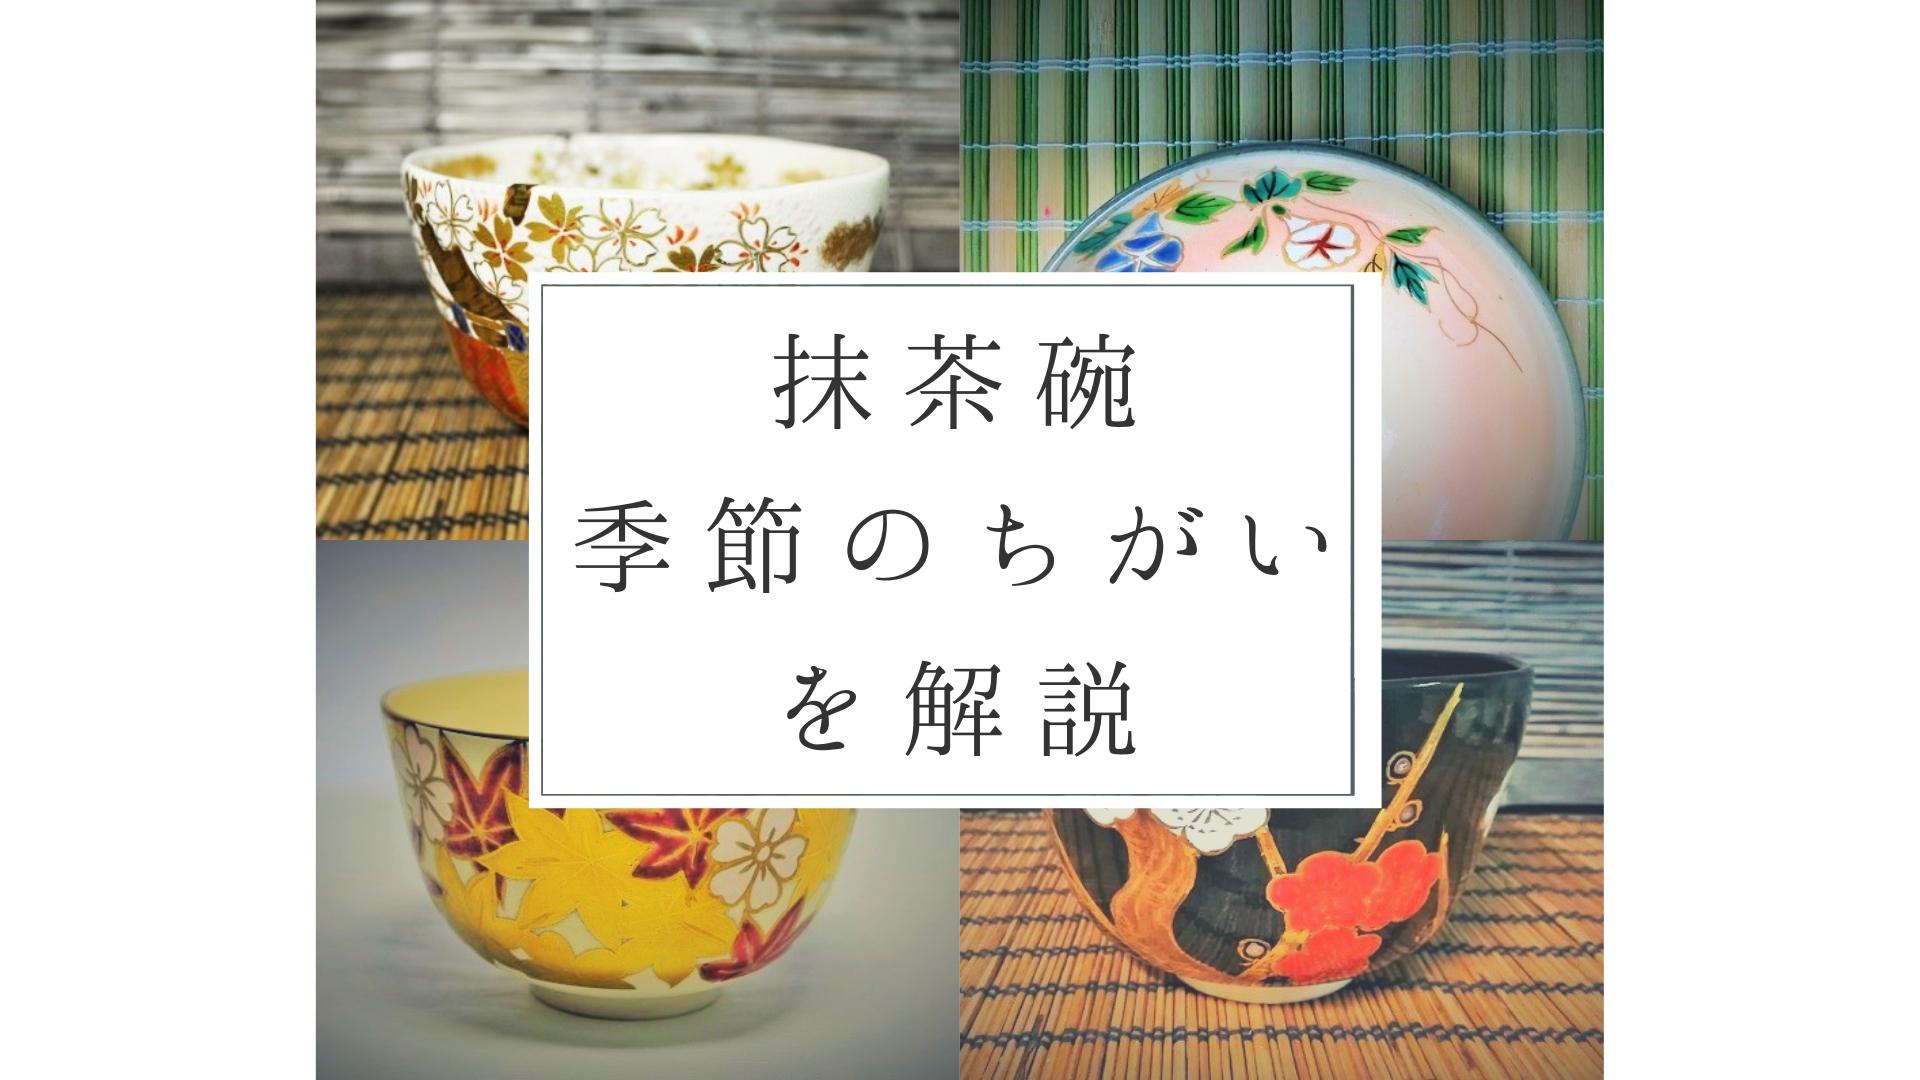 抹茶碗の季節の違いの選び方のアイキャッチ画像